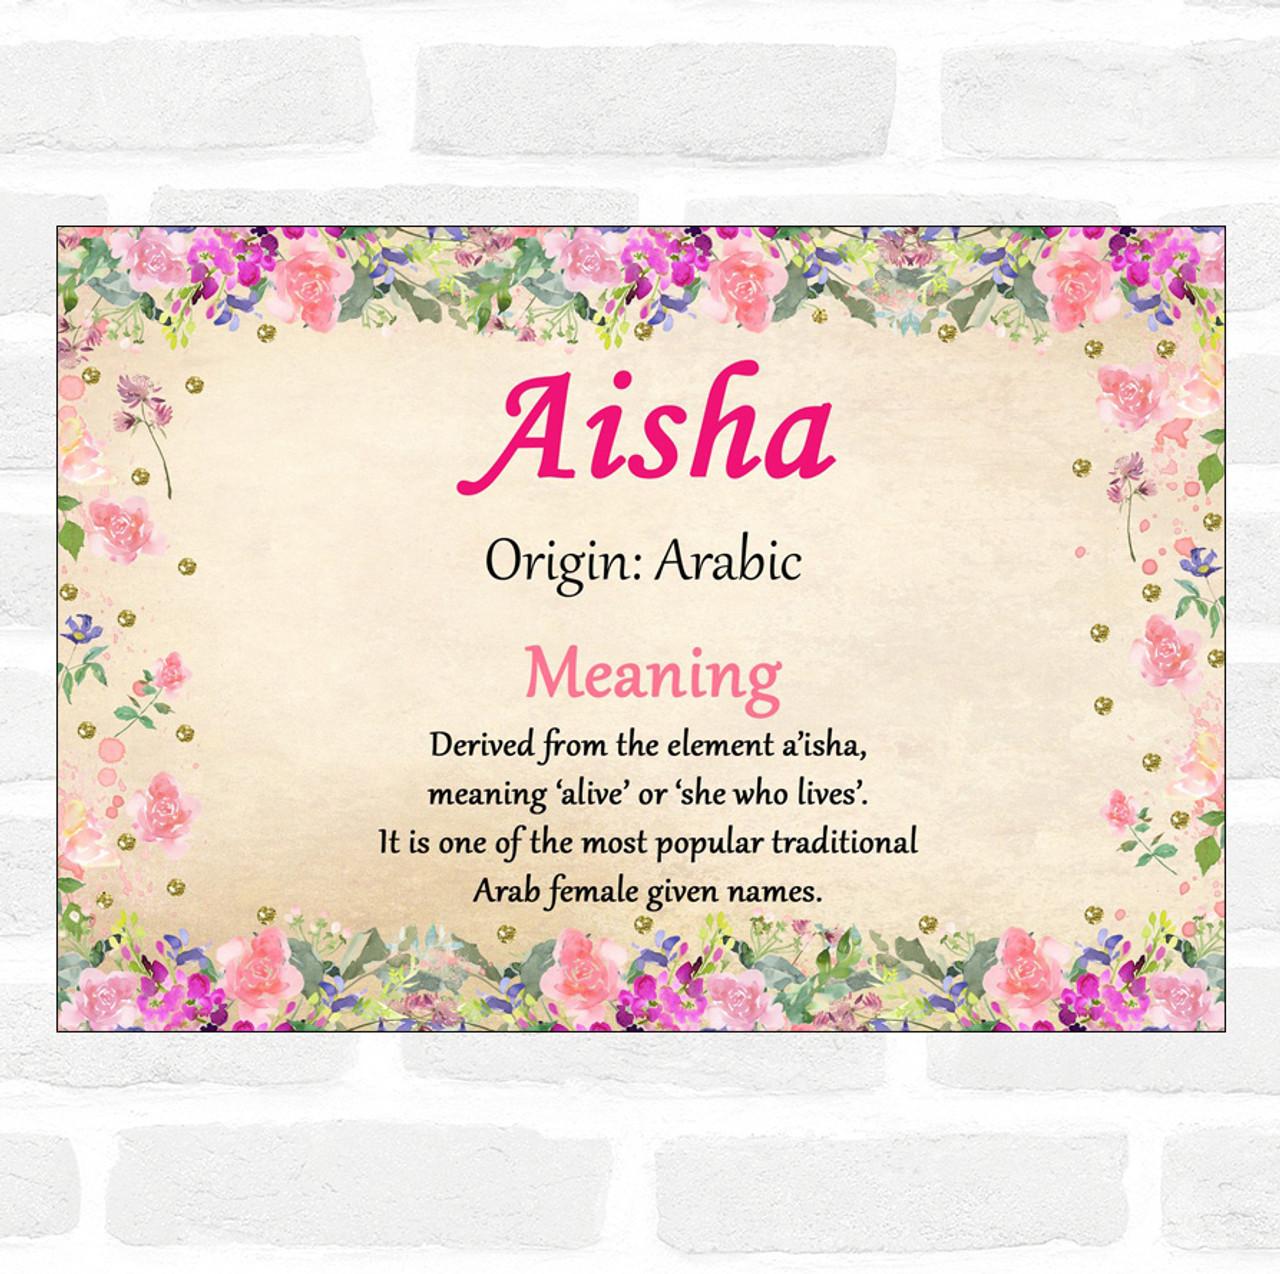 Aisha name images